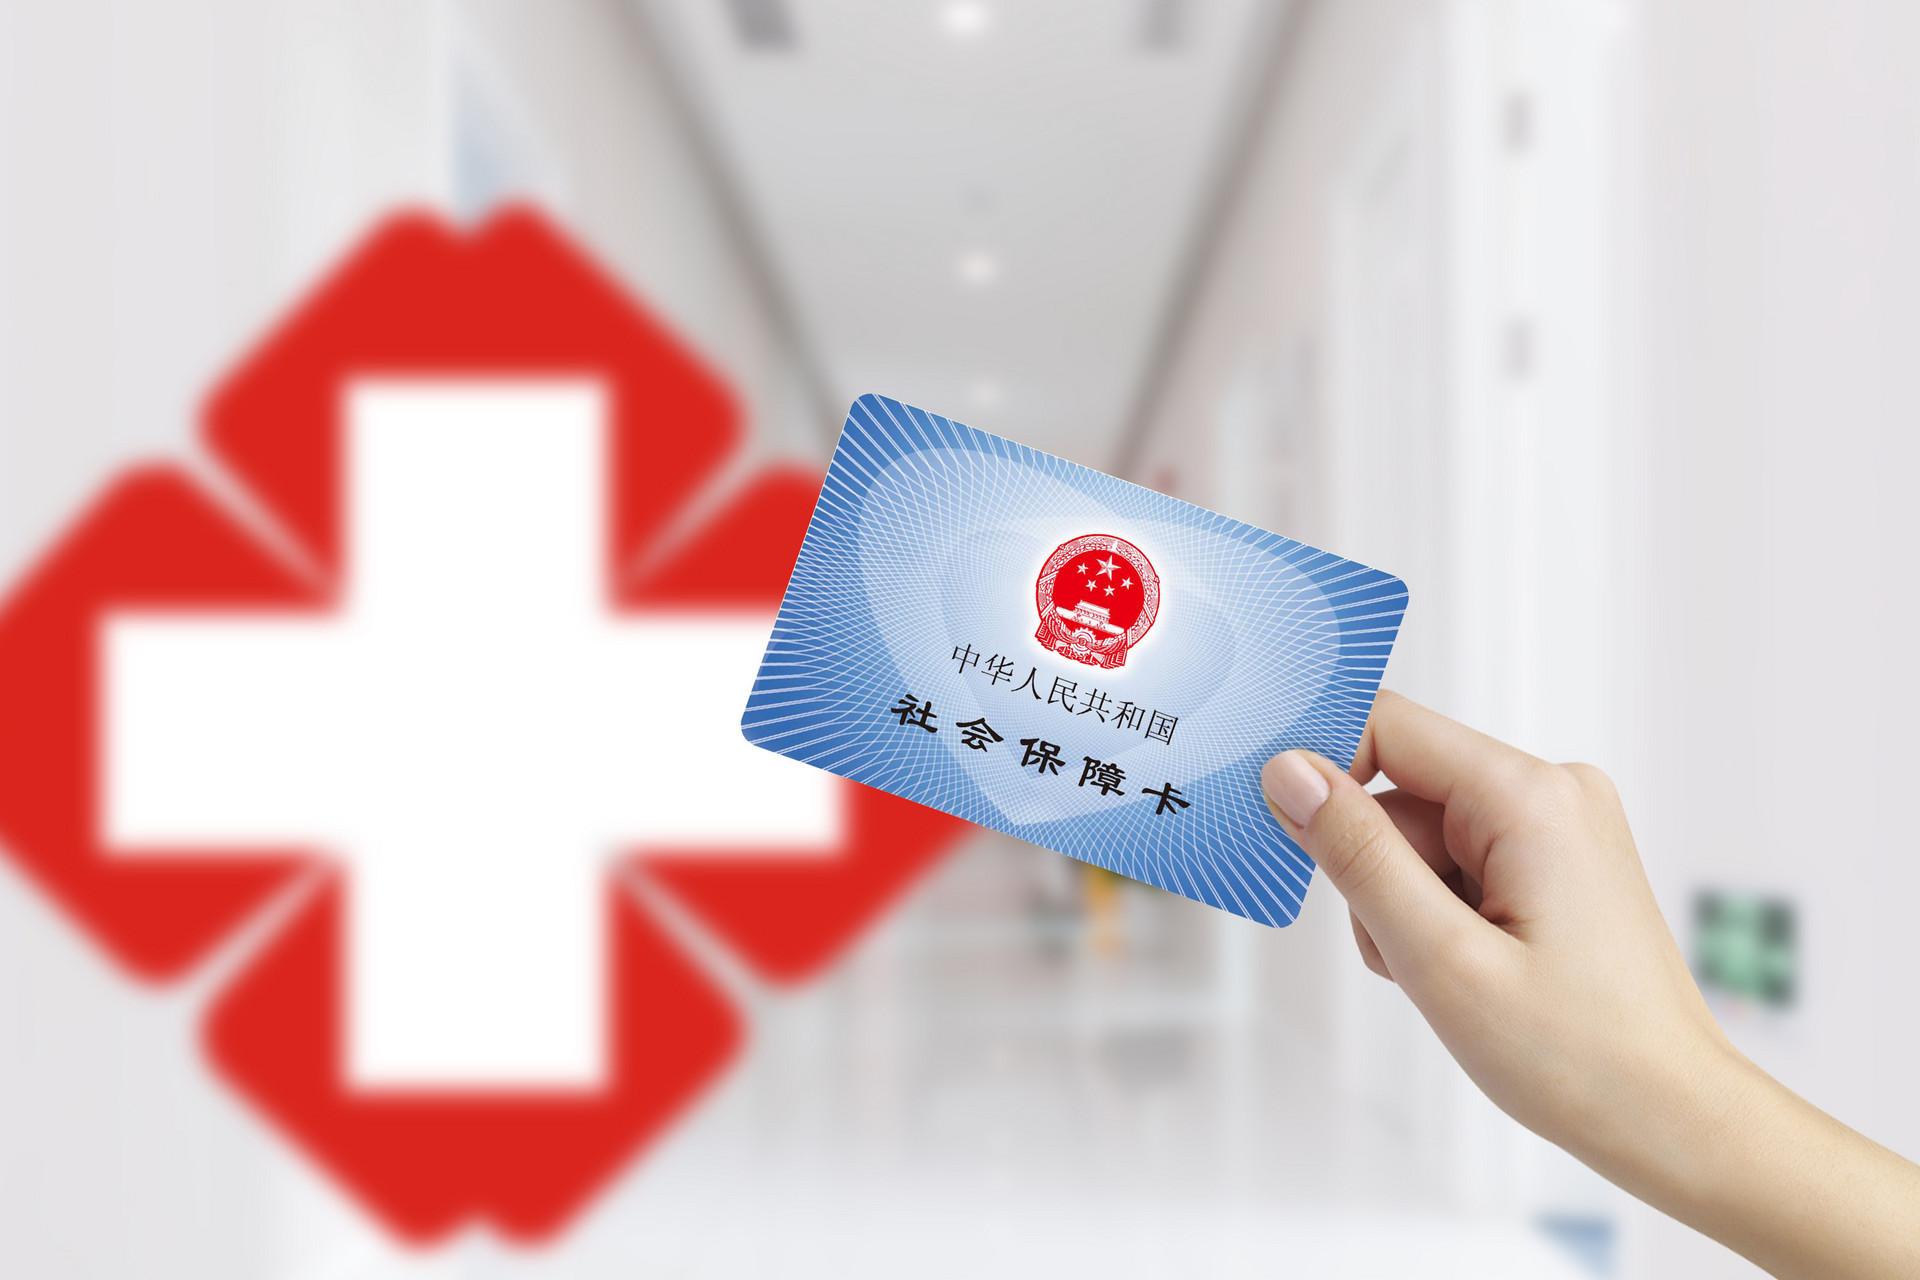 国家医保局:城乡居民医保个人(家庭)账户取消不会降低医保待遇   _中欧新闻_欧洲中文网